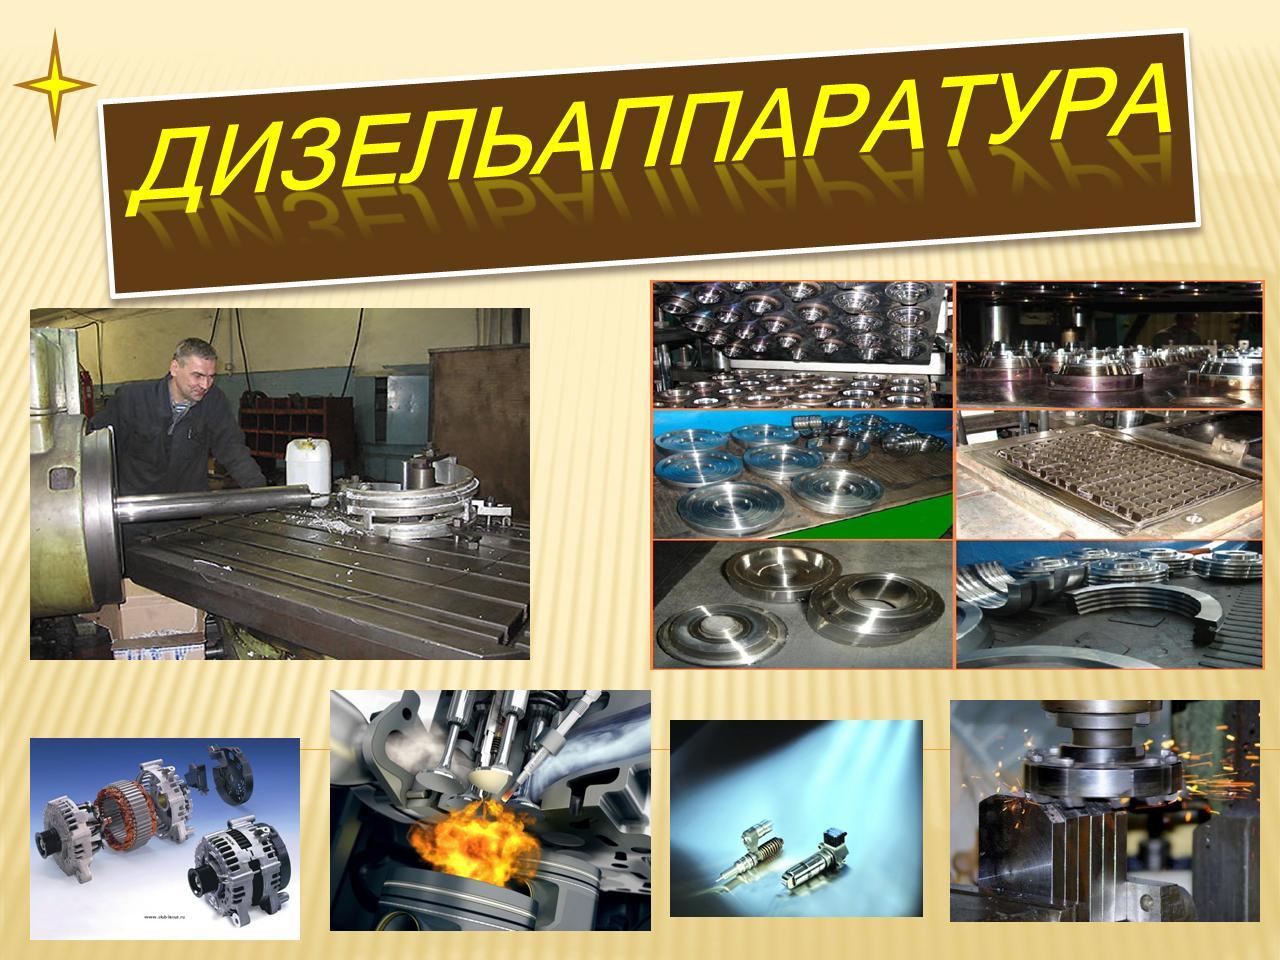 Дизельаппаратура, ООО, Каховка